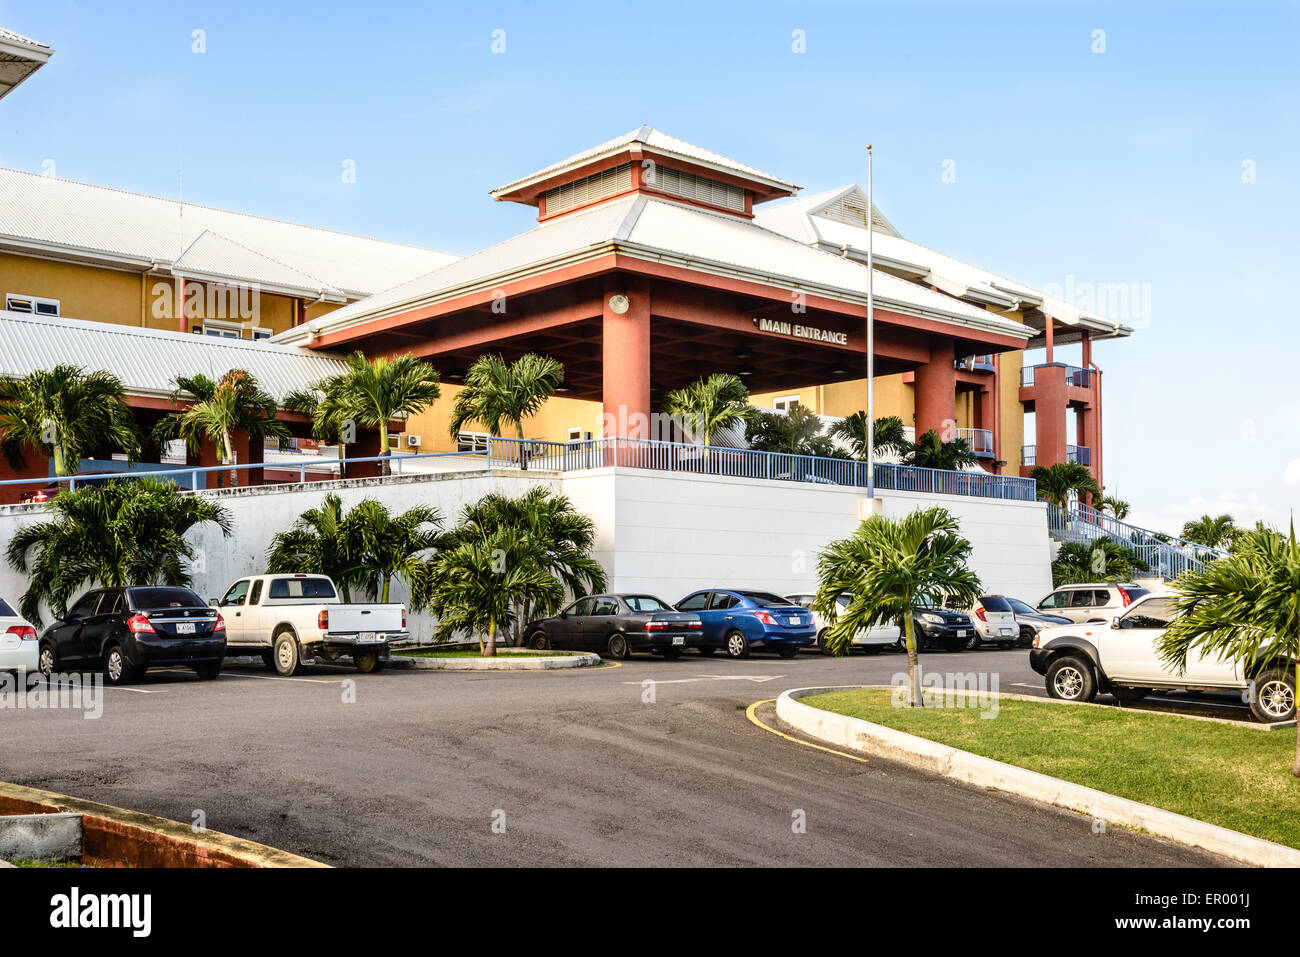 Mount St. John's Medical Centre, Michael's Mount, Saint ...